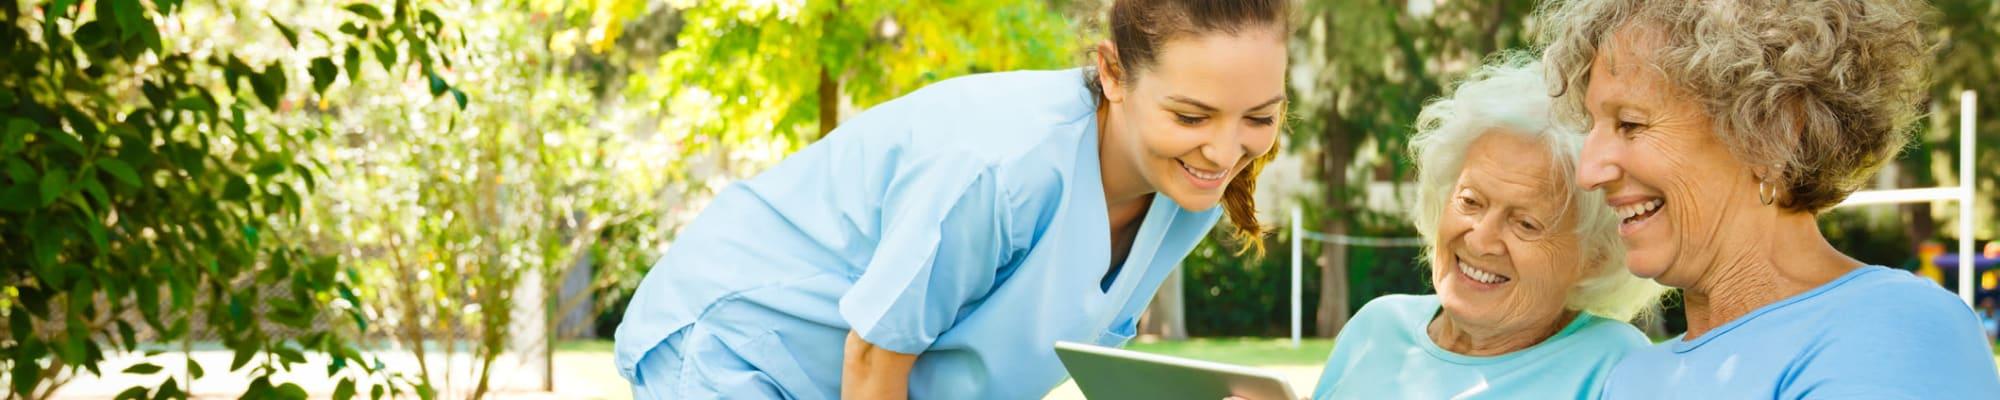 Careers at CERTUS Premier Memory Care Living in Vero Beach, Florida